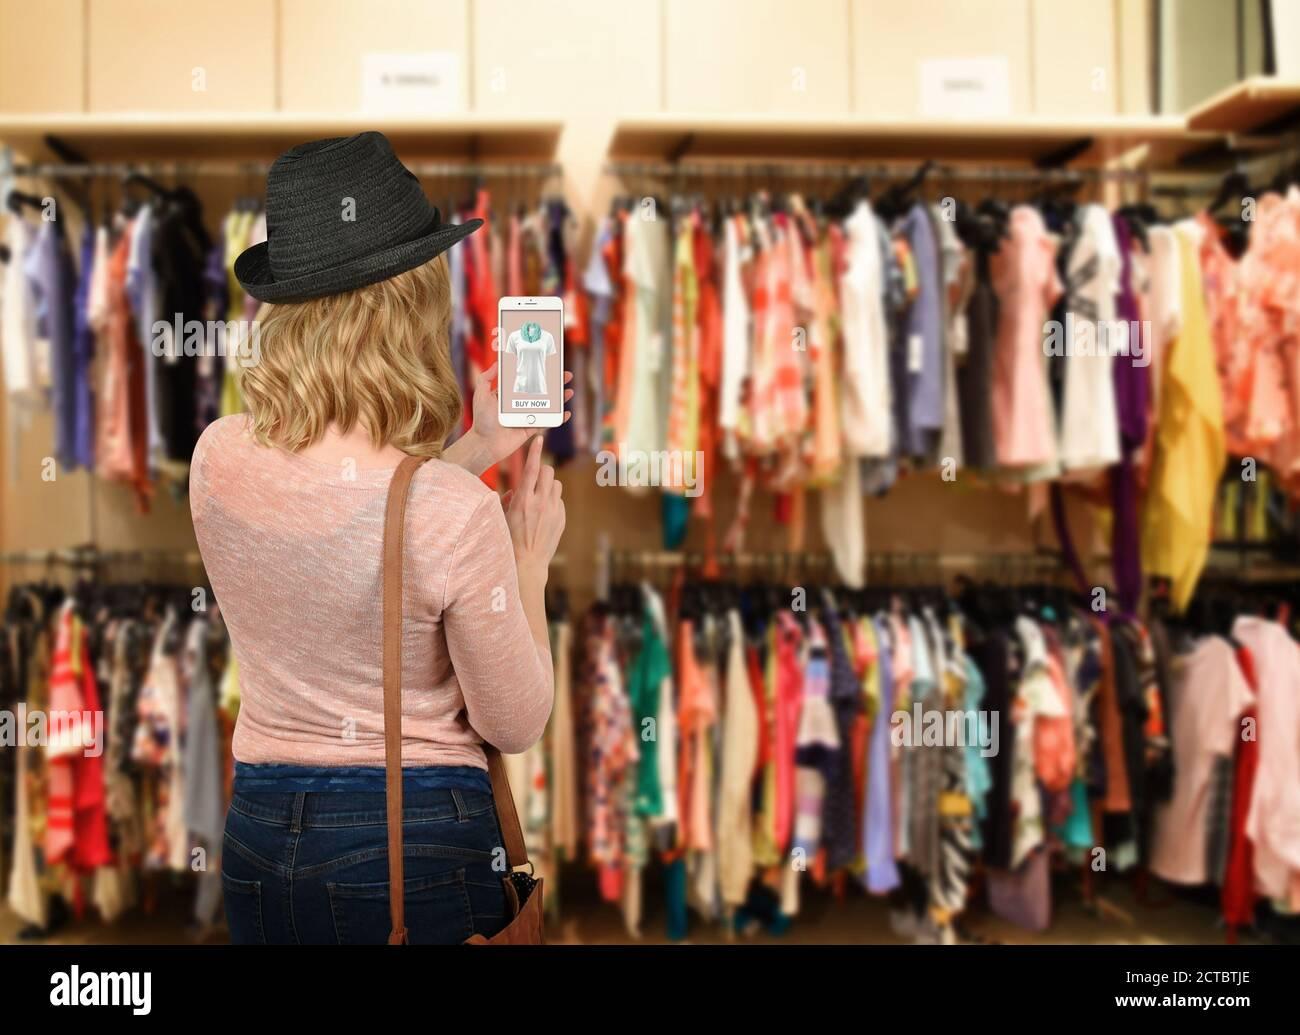 Une femme est dans un magasin de vêtements tenant un téléphone portable cherchant à acheter une chemise en ligne dans un application pour un concept de shopping ou de mode sur la technologie Banque D'Images